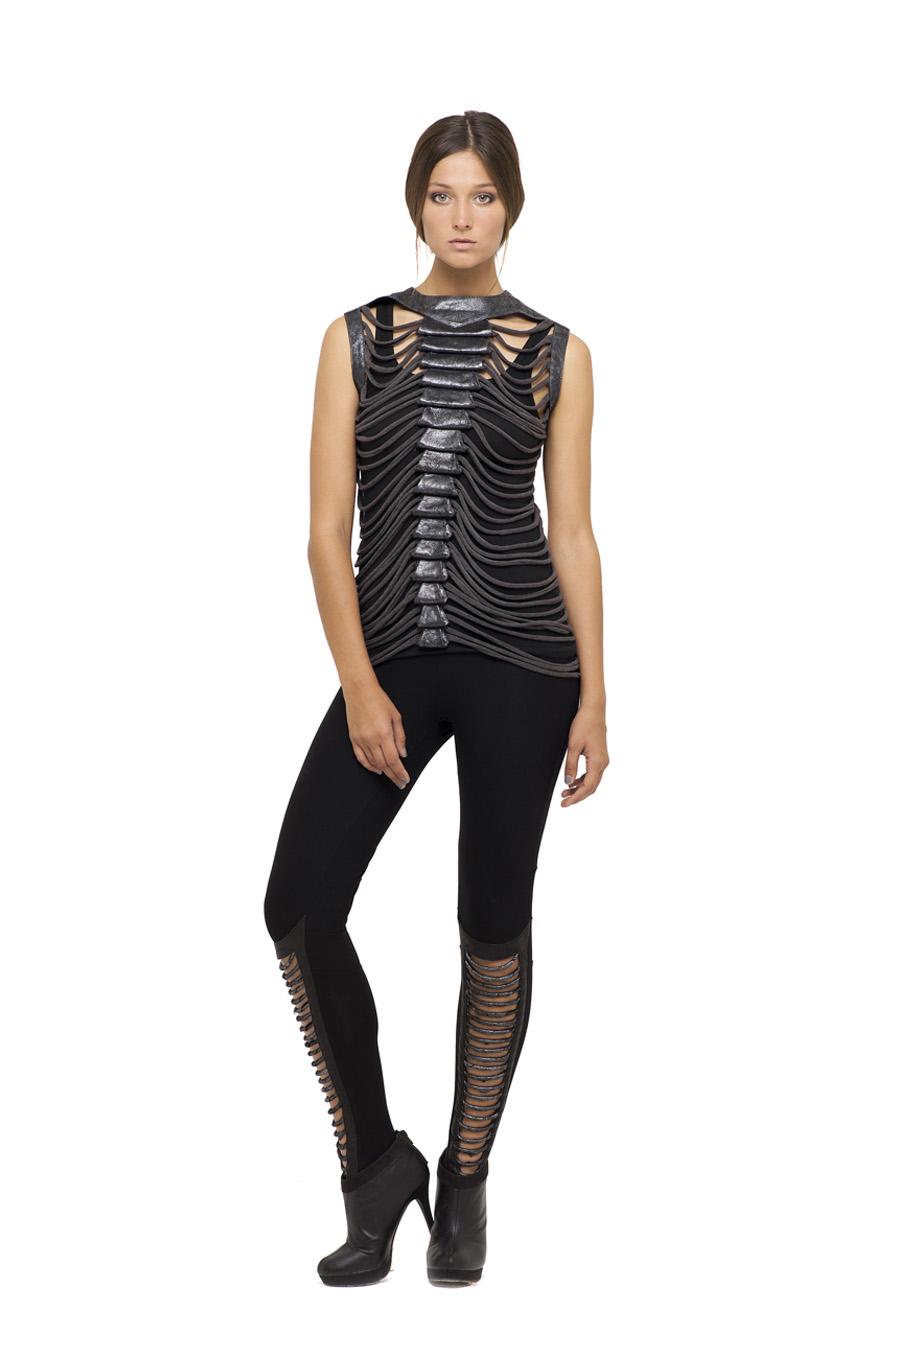 Aliza tip,torza leggigngs front.jpg